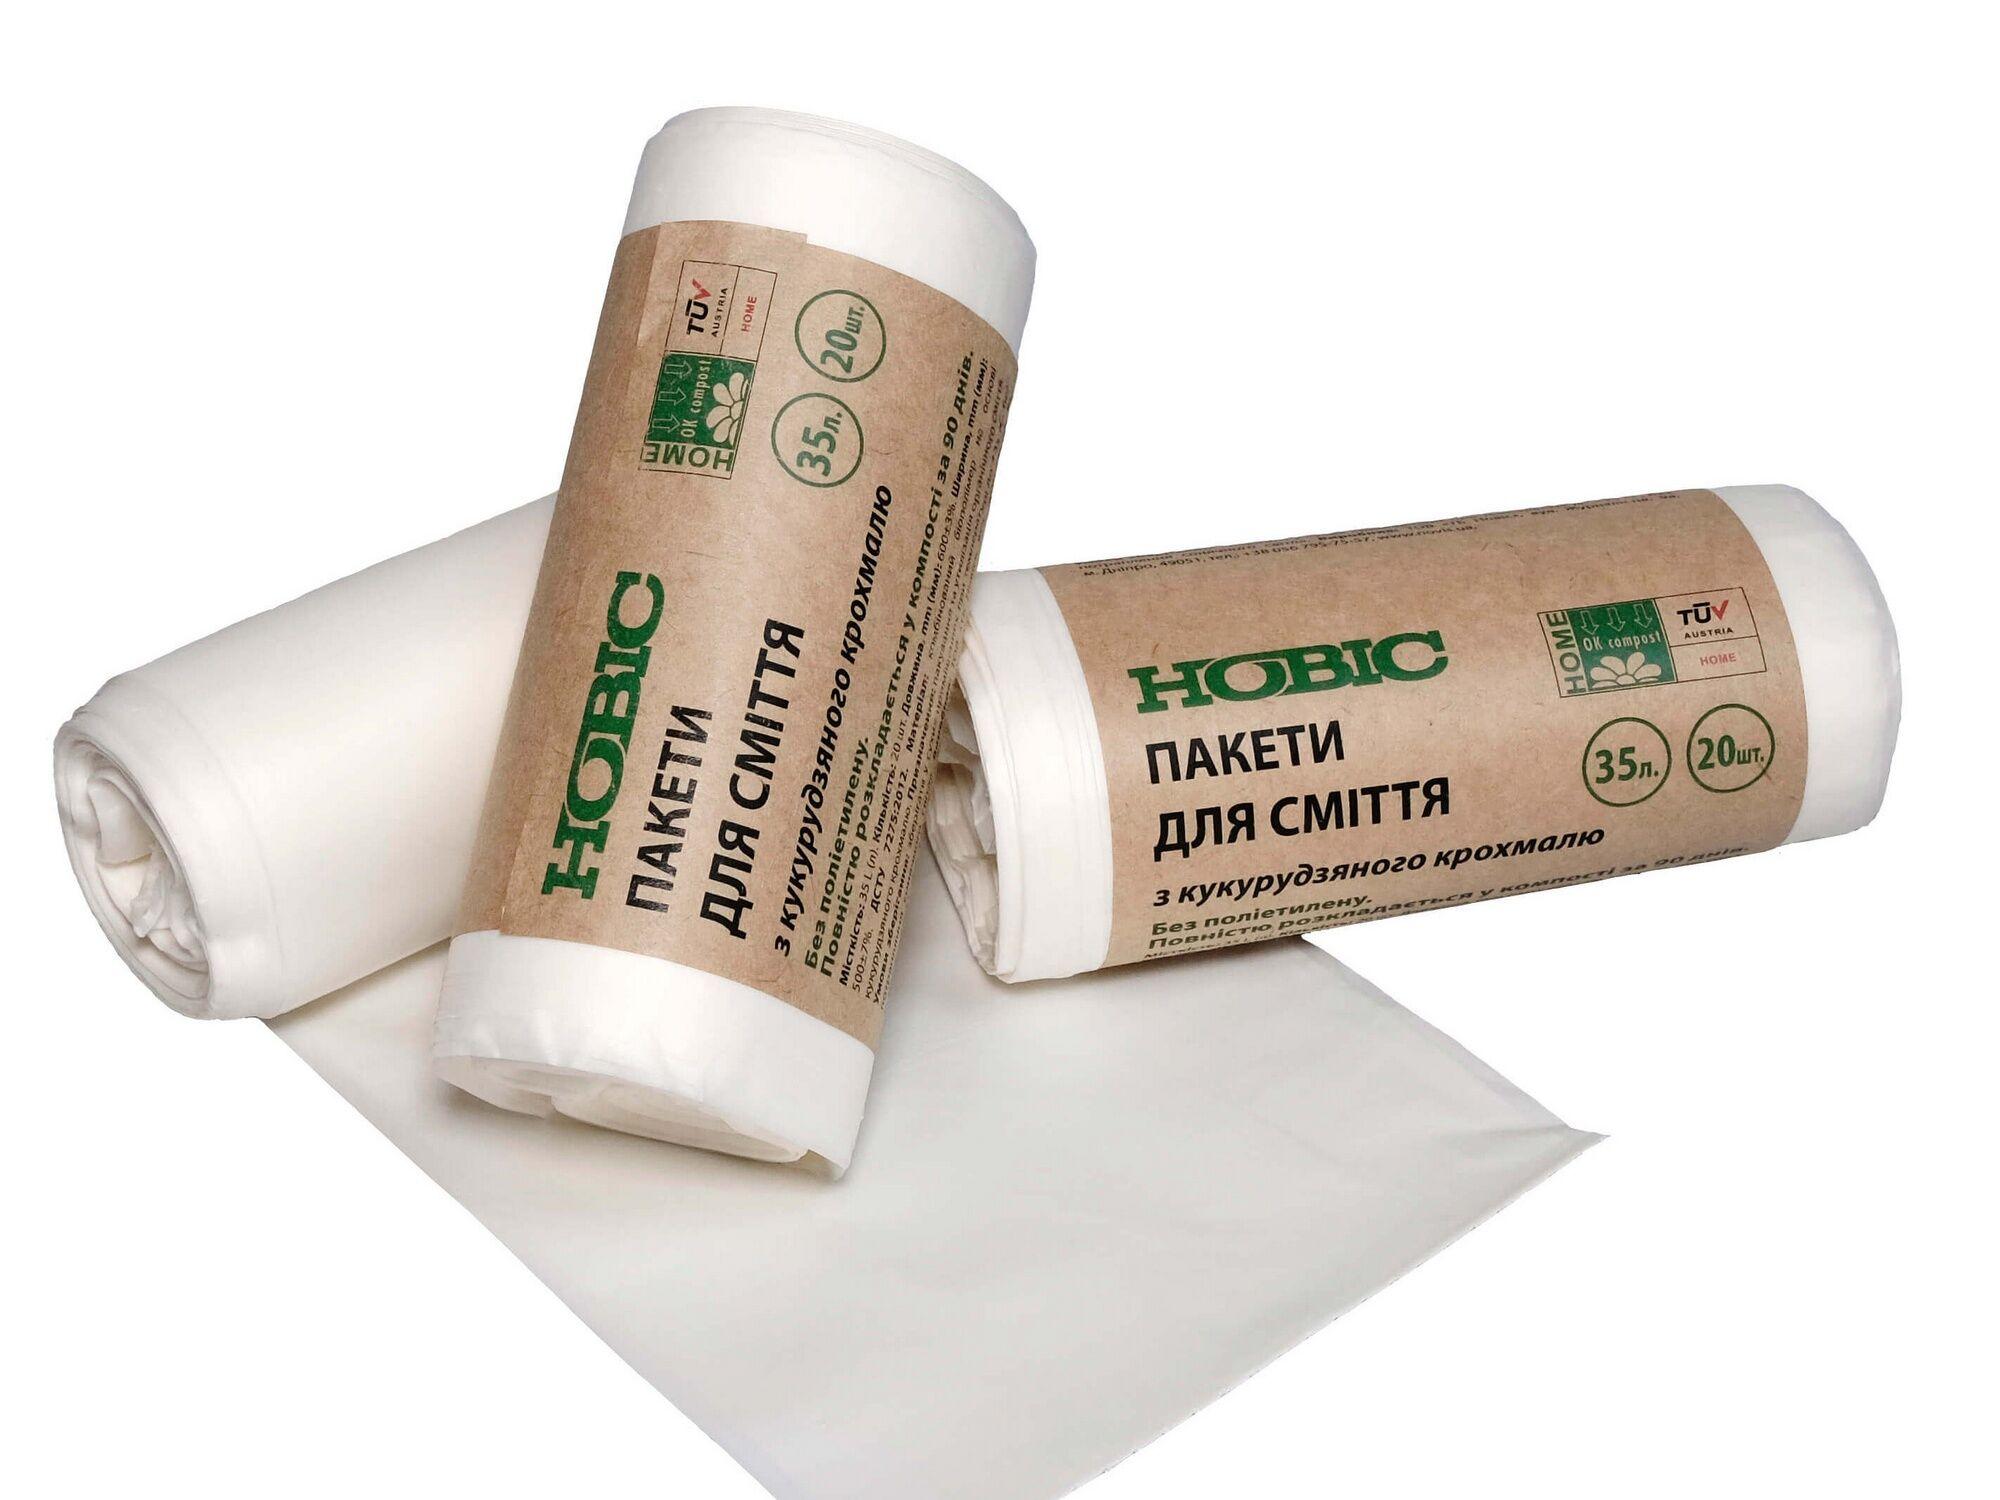 """Біорозкладаний пакет для сміття від компанії """"Новіс"""""""